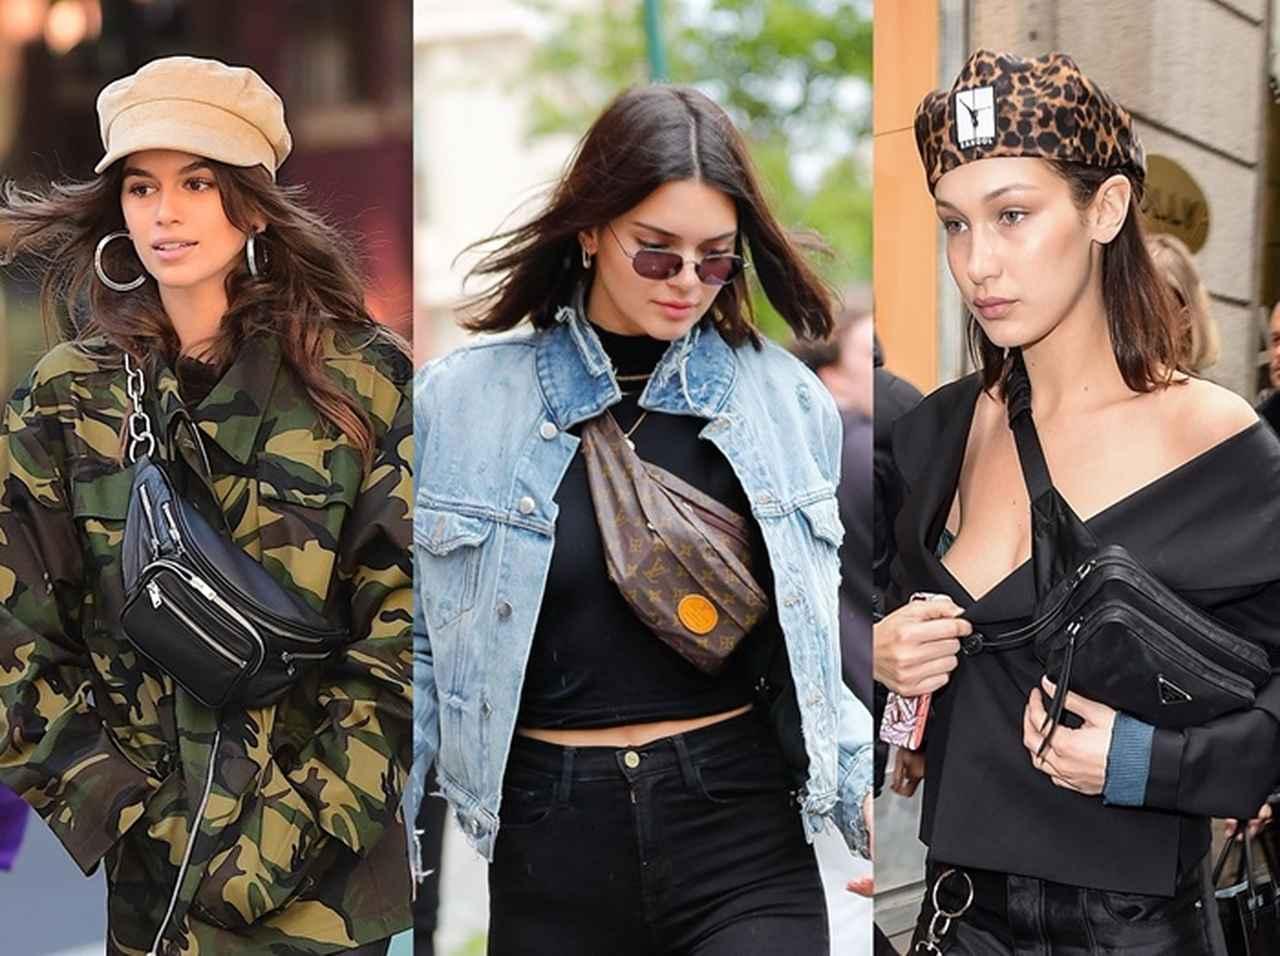 画像: 左から、人気モデルのカイア・ガーバー、ケンダル・ジェンナー、ベラ・ハディッド。